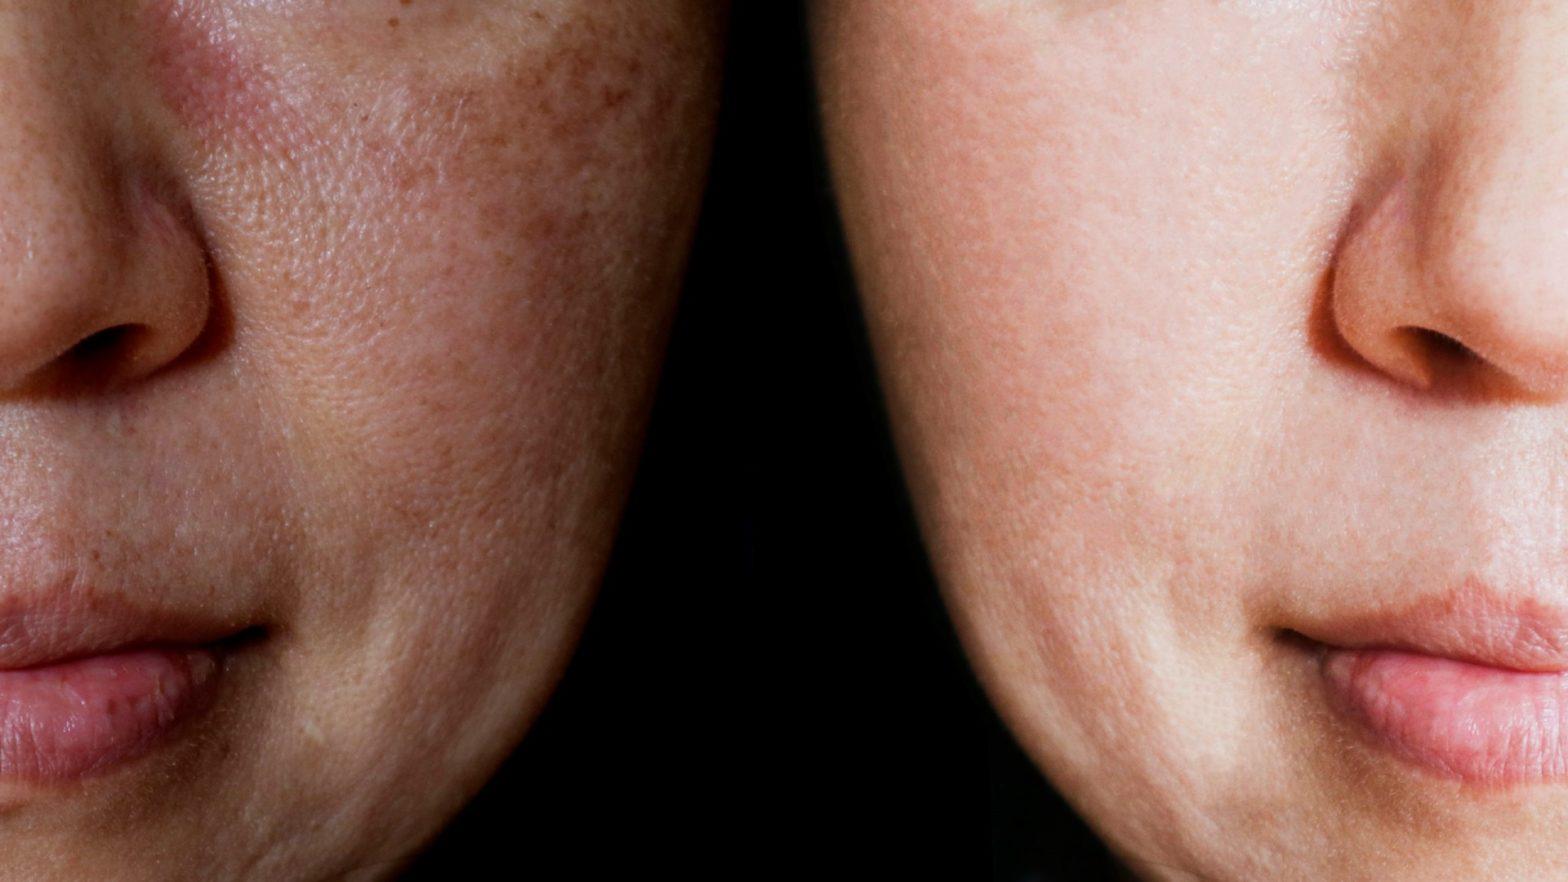 Rosto de mulher com manchas antes de utilizar o ácido glicólico e depois com a pele rejuvenescida.